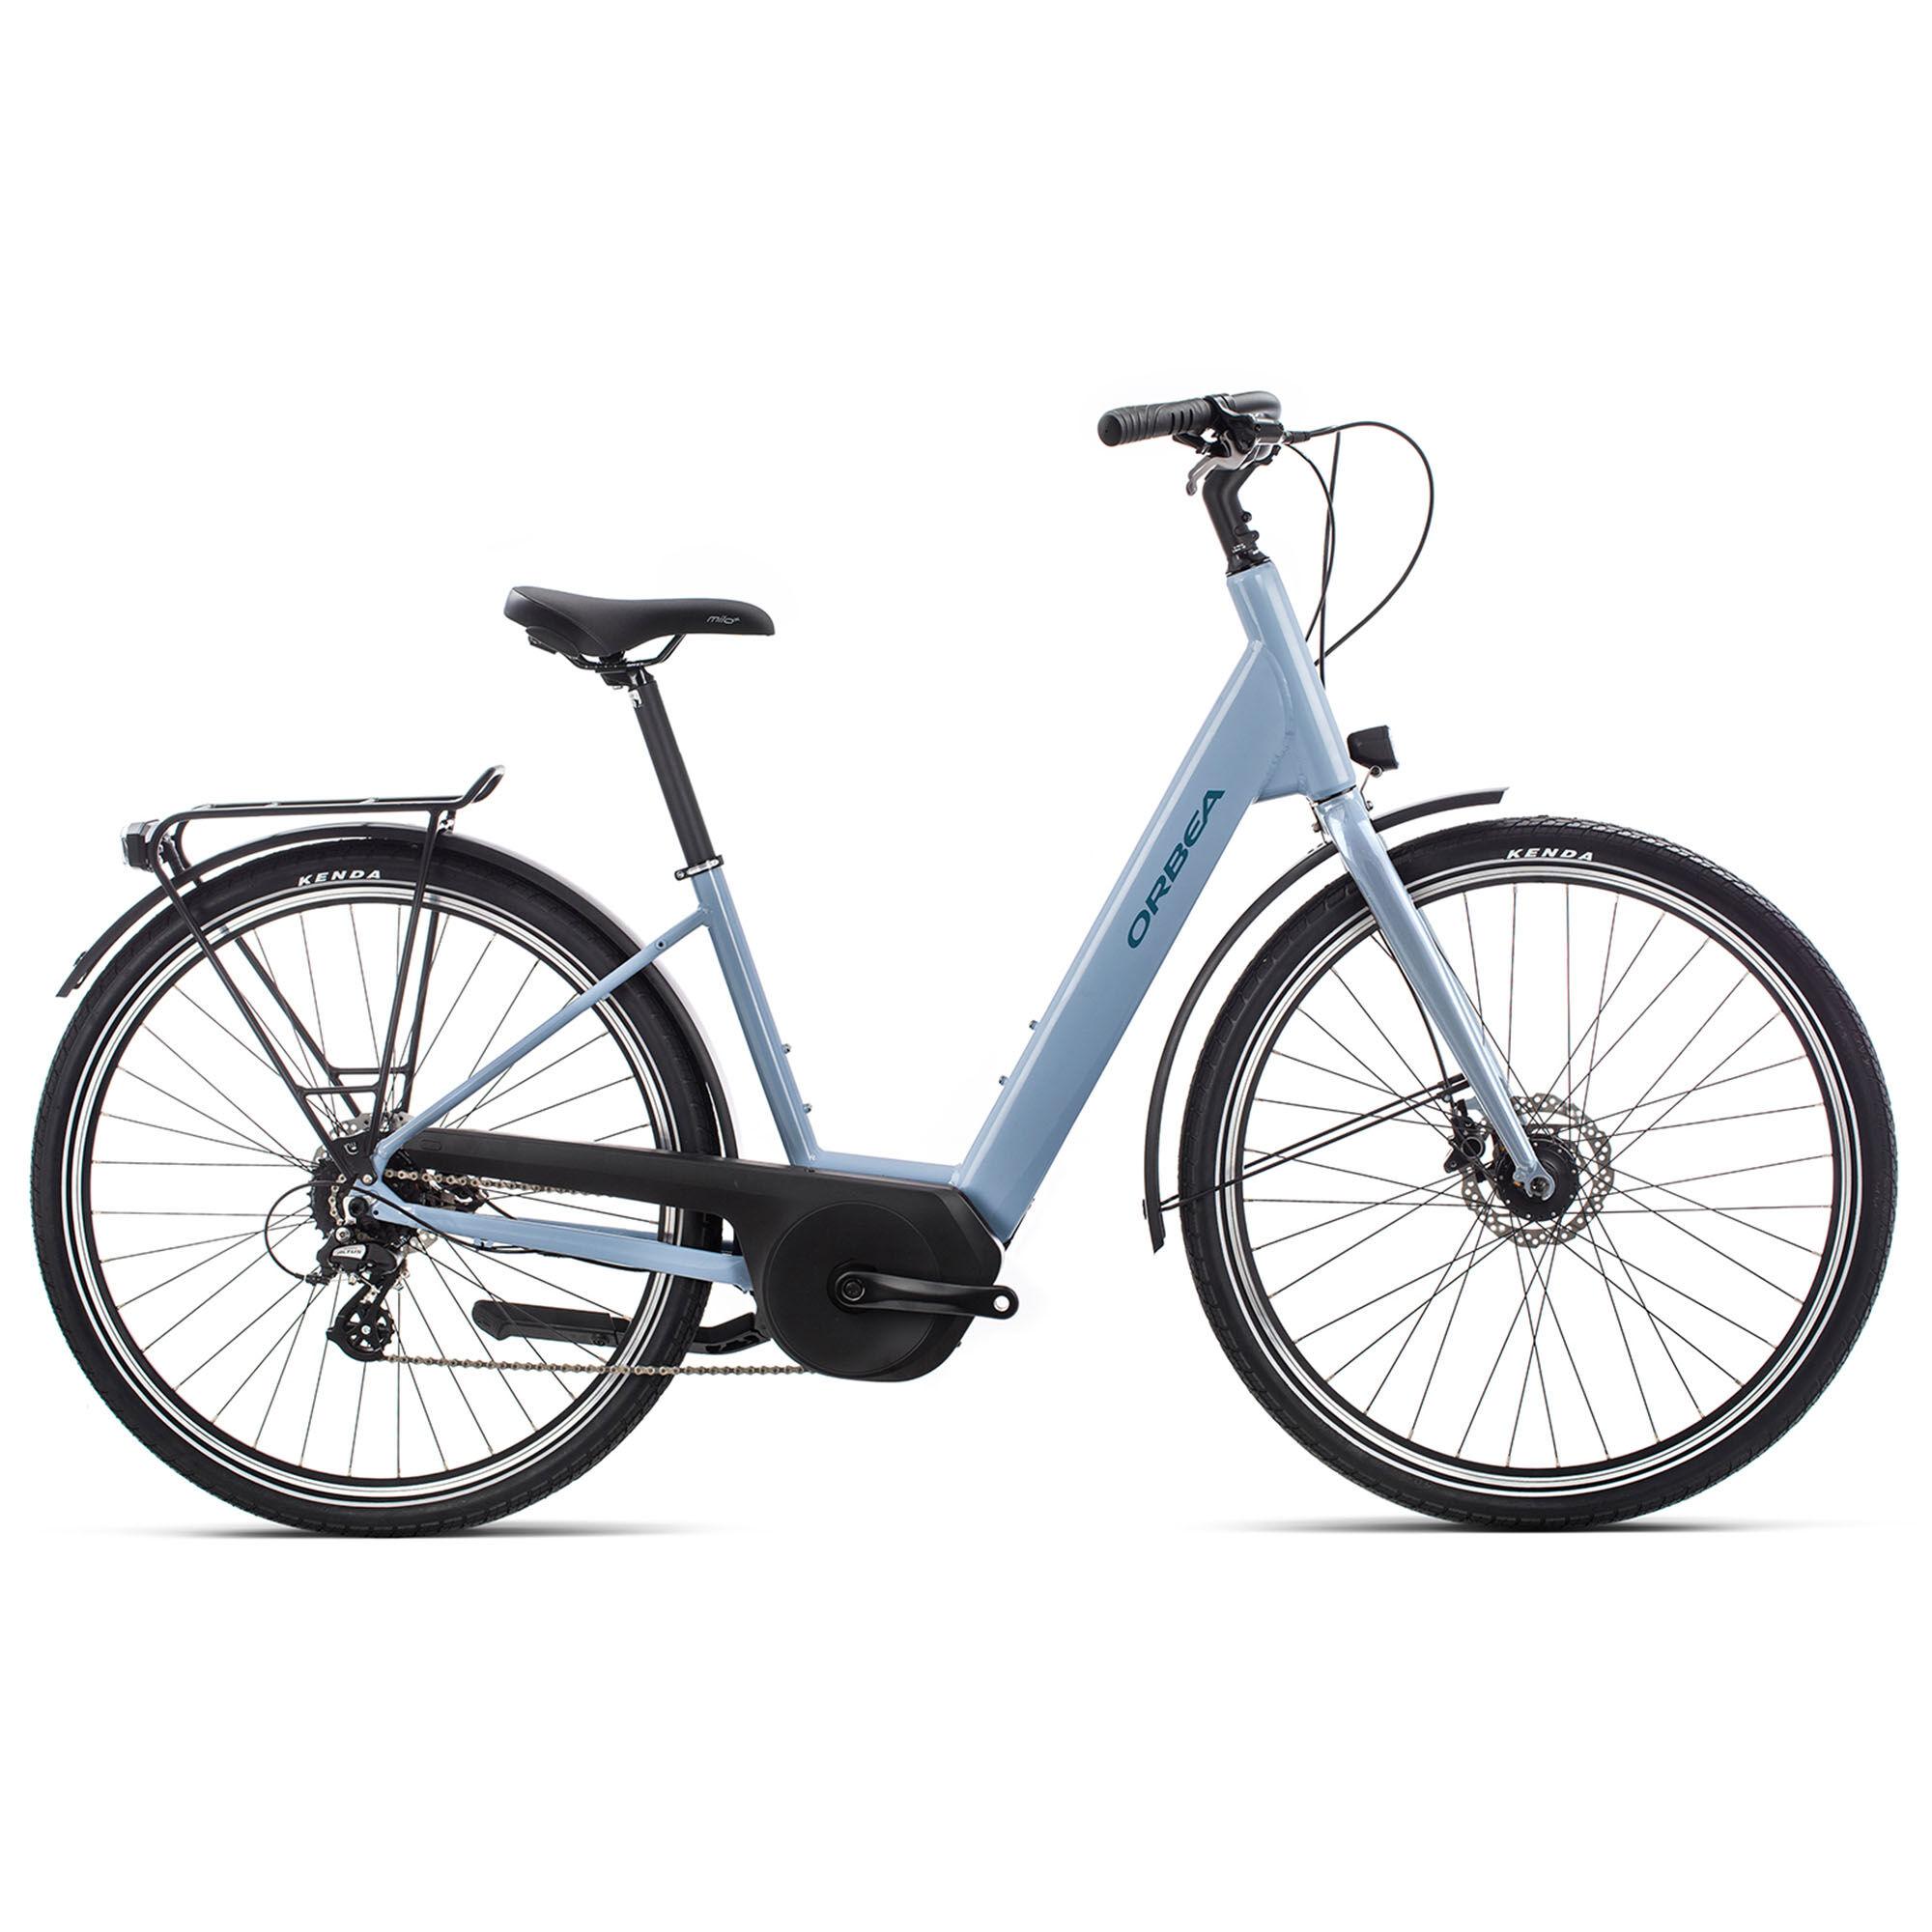 Orbea Men's Optima E50 Electric Bike '19  - Blue - Size: Small